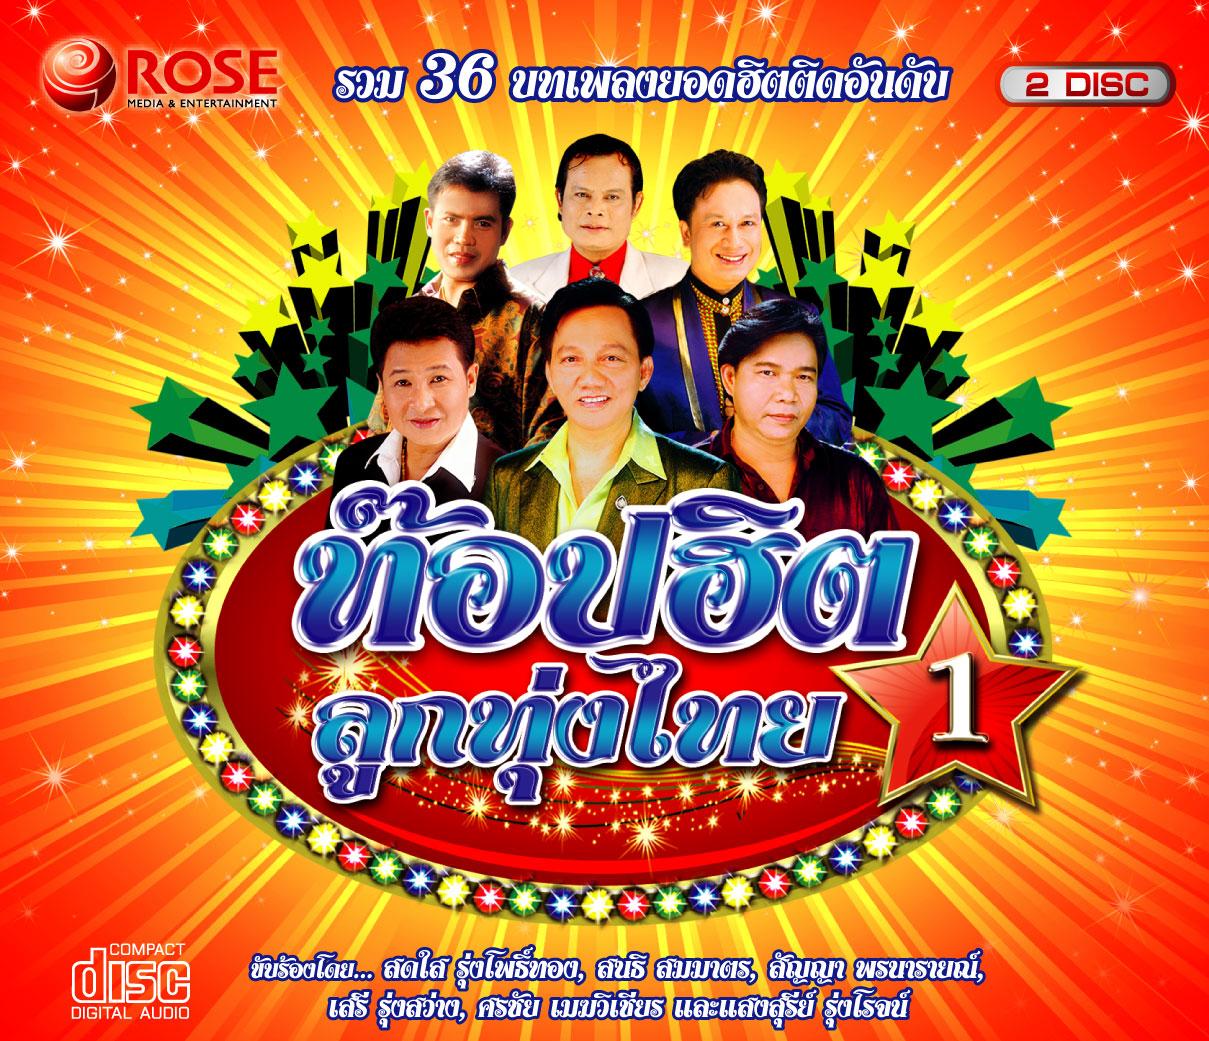 36 เพลง ท๊อปฮิตลูกทุ่งไทย 1 (ศรชัย สดใส สนธิ สัญญา เสรี แสงสุรีย์)